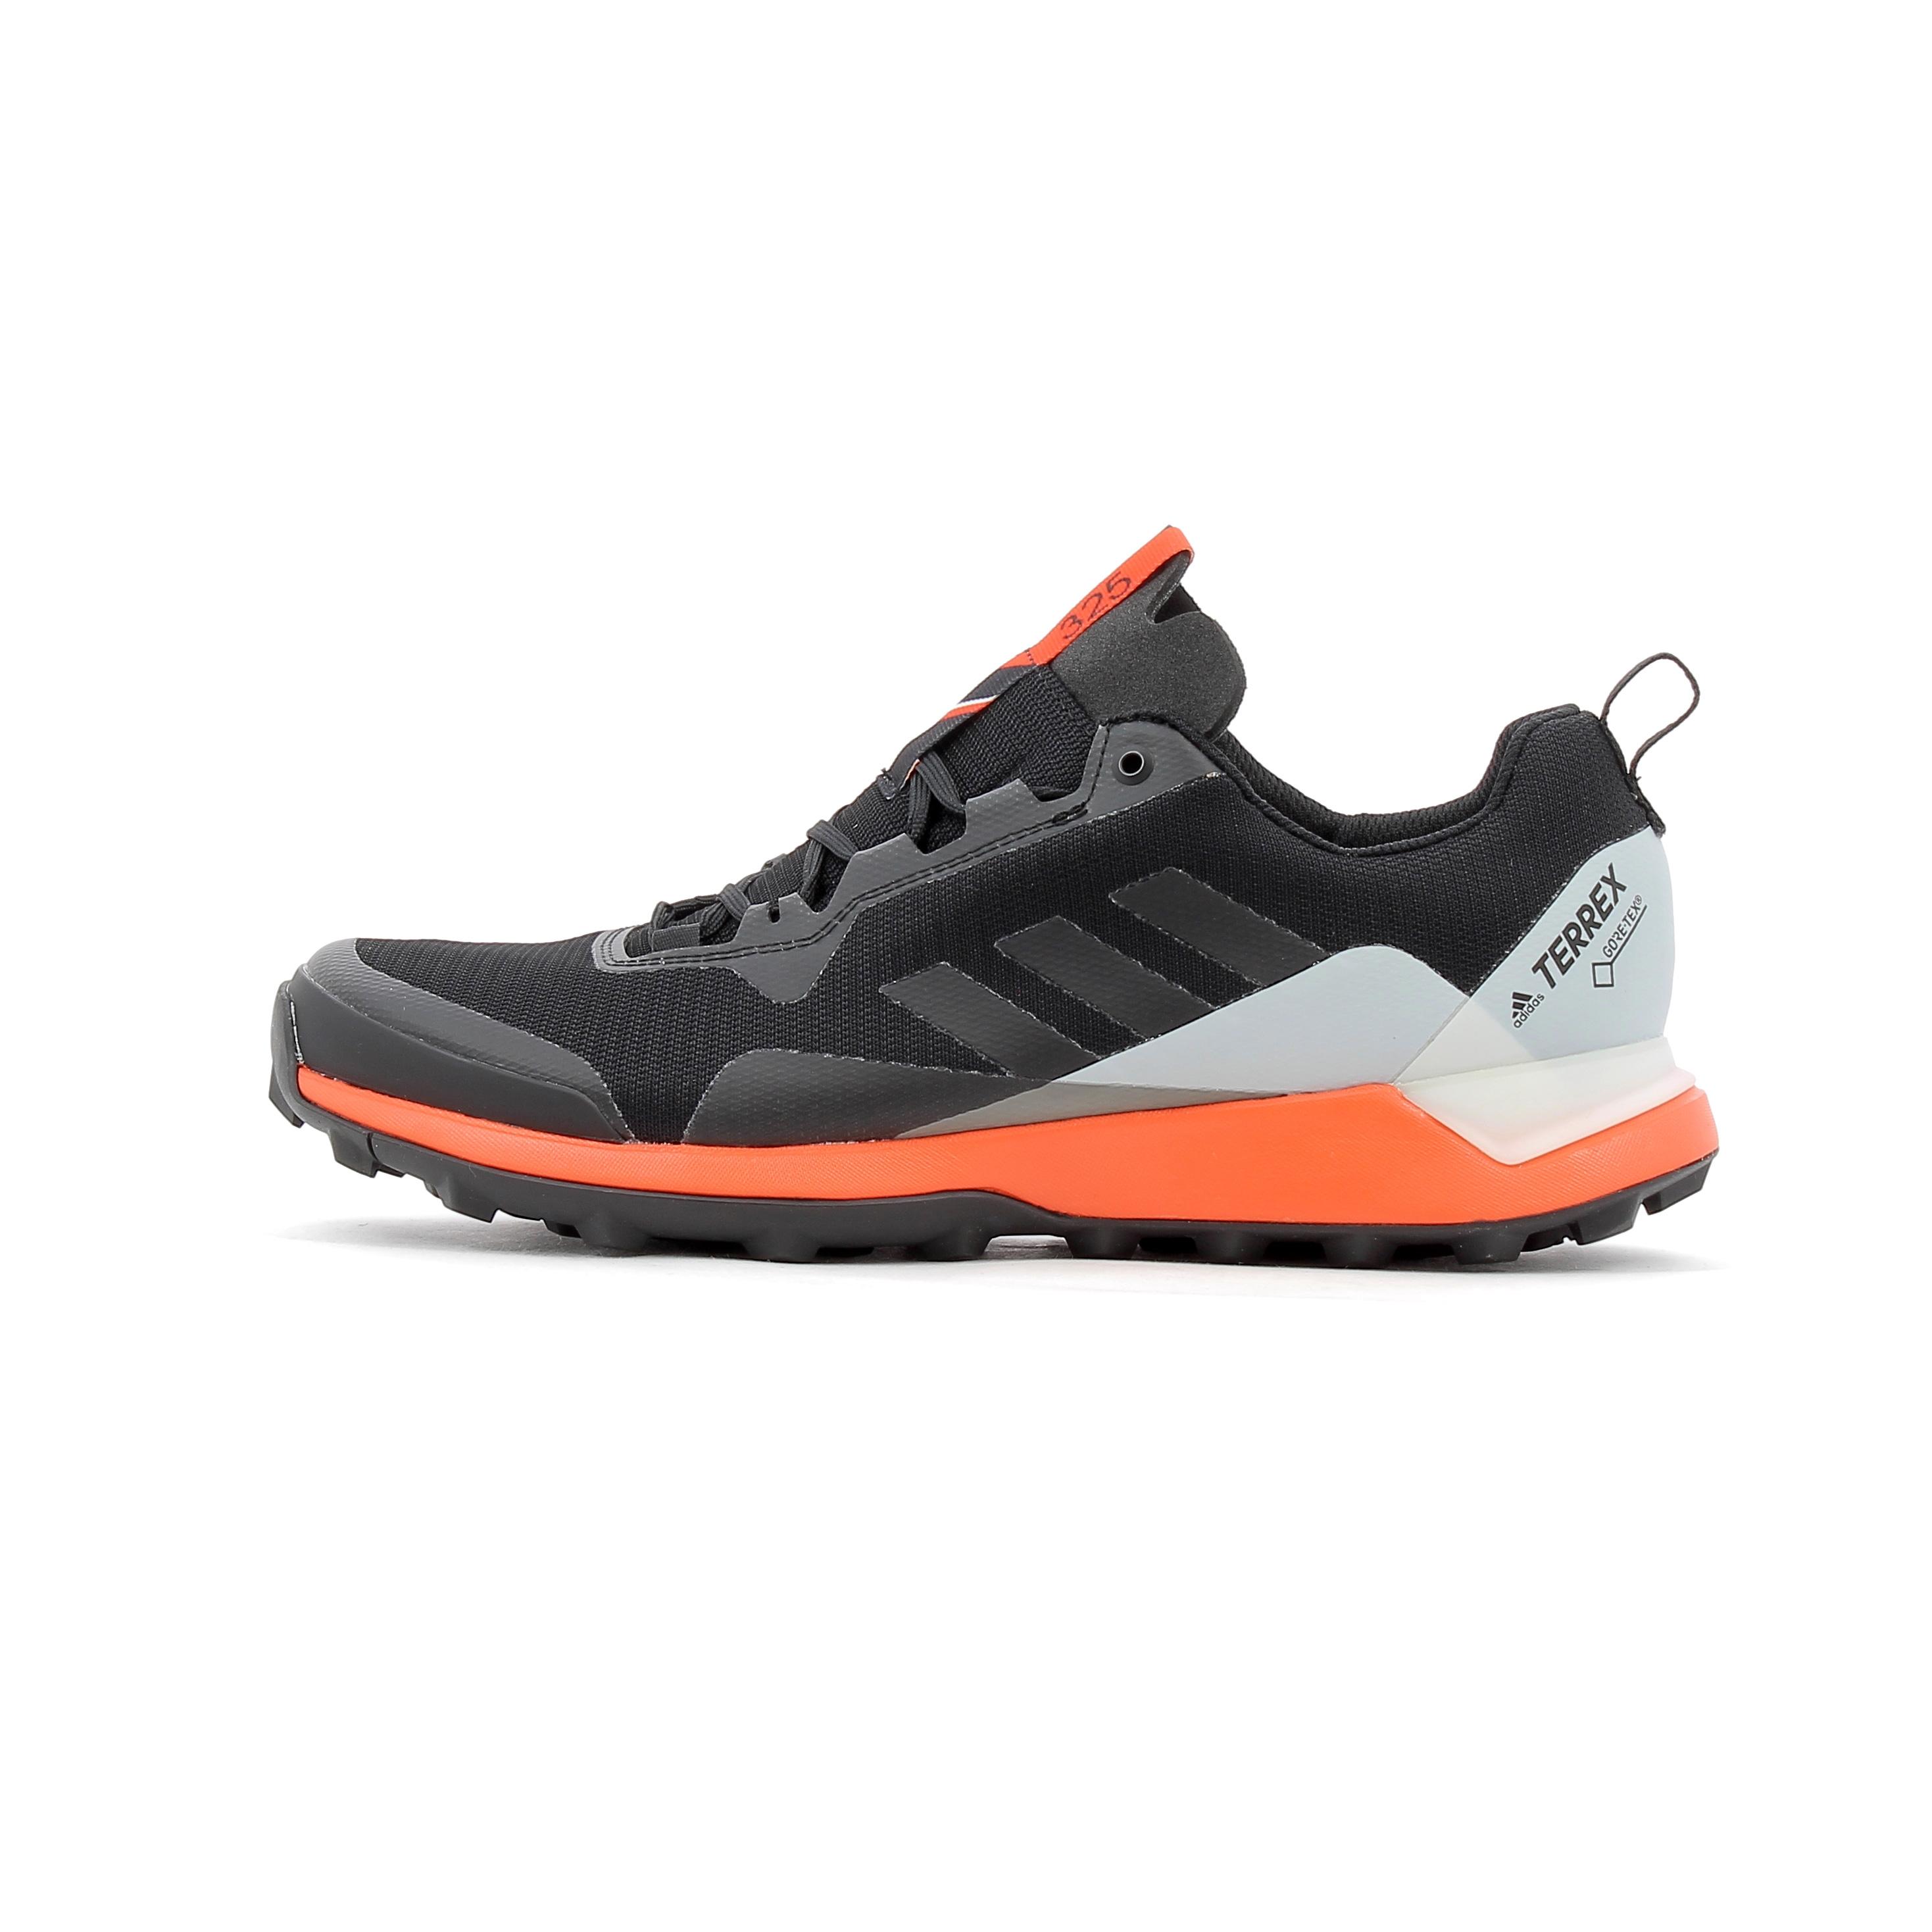 pretty nice d9ccf 018cd Chaussures de Trail adidas running Terrex CMTK GTX Homme Noir